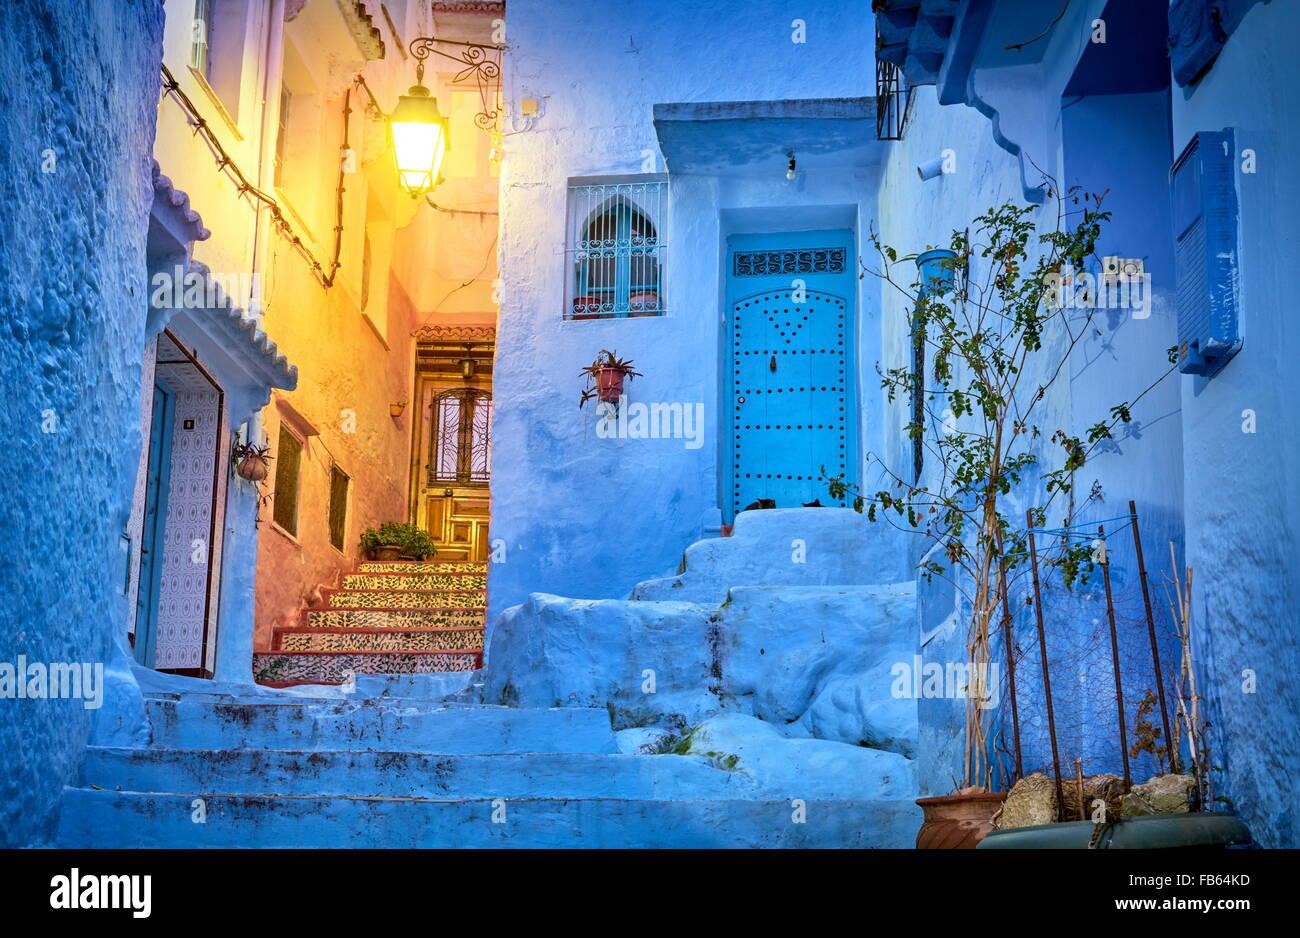 Murs peints en bleu à l'ancienne médina de Chefchaouen (Chaouen). Le Maroc, l'Afrique Photo Stock